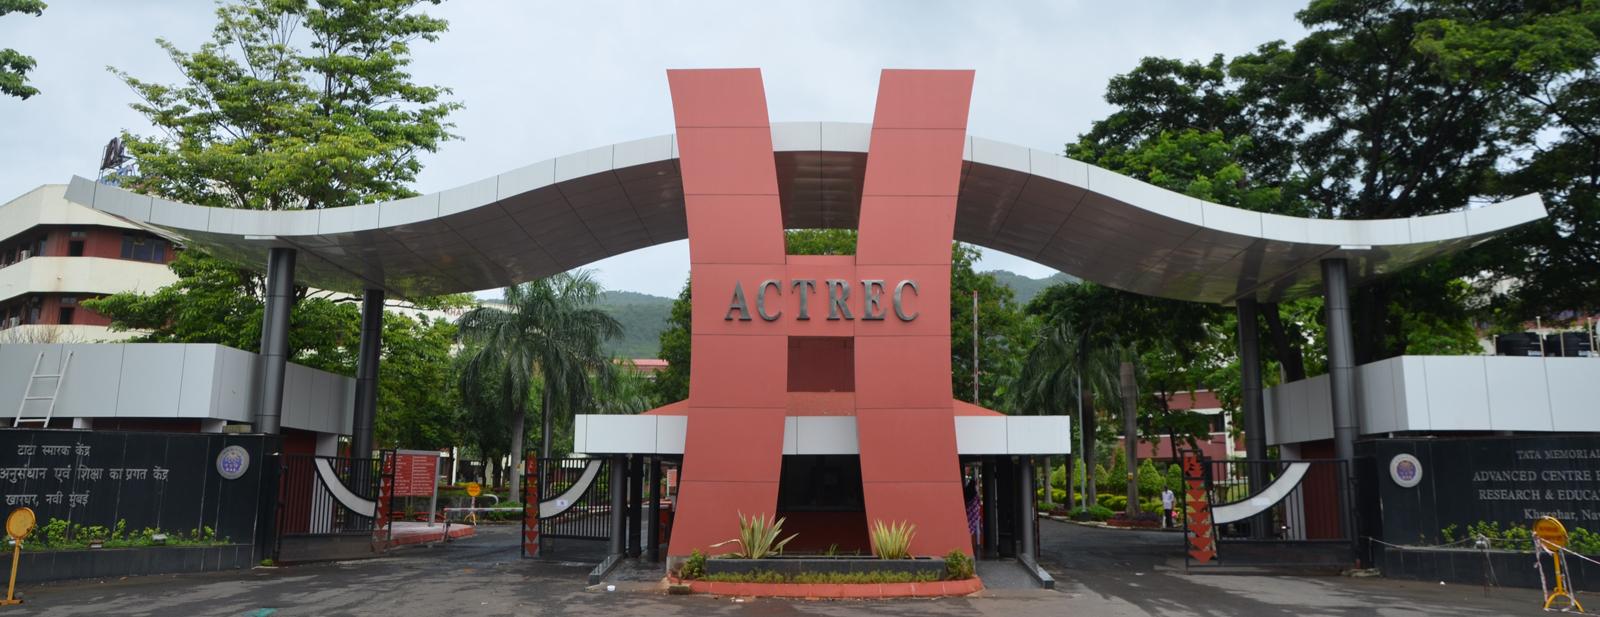 Actrec Gate